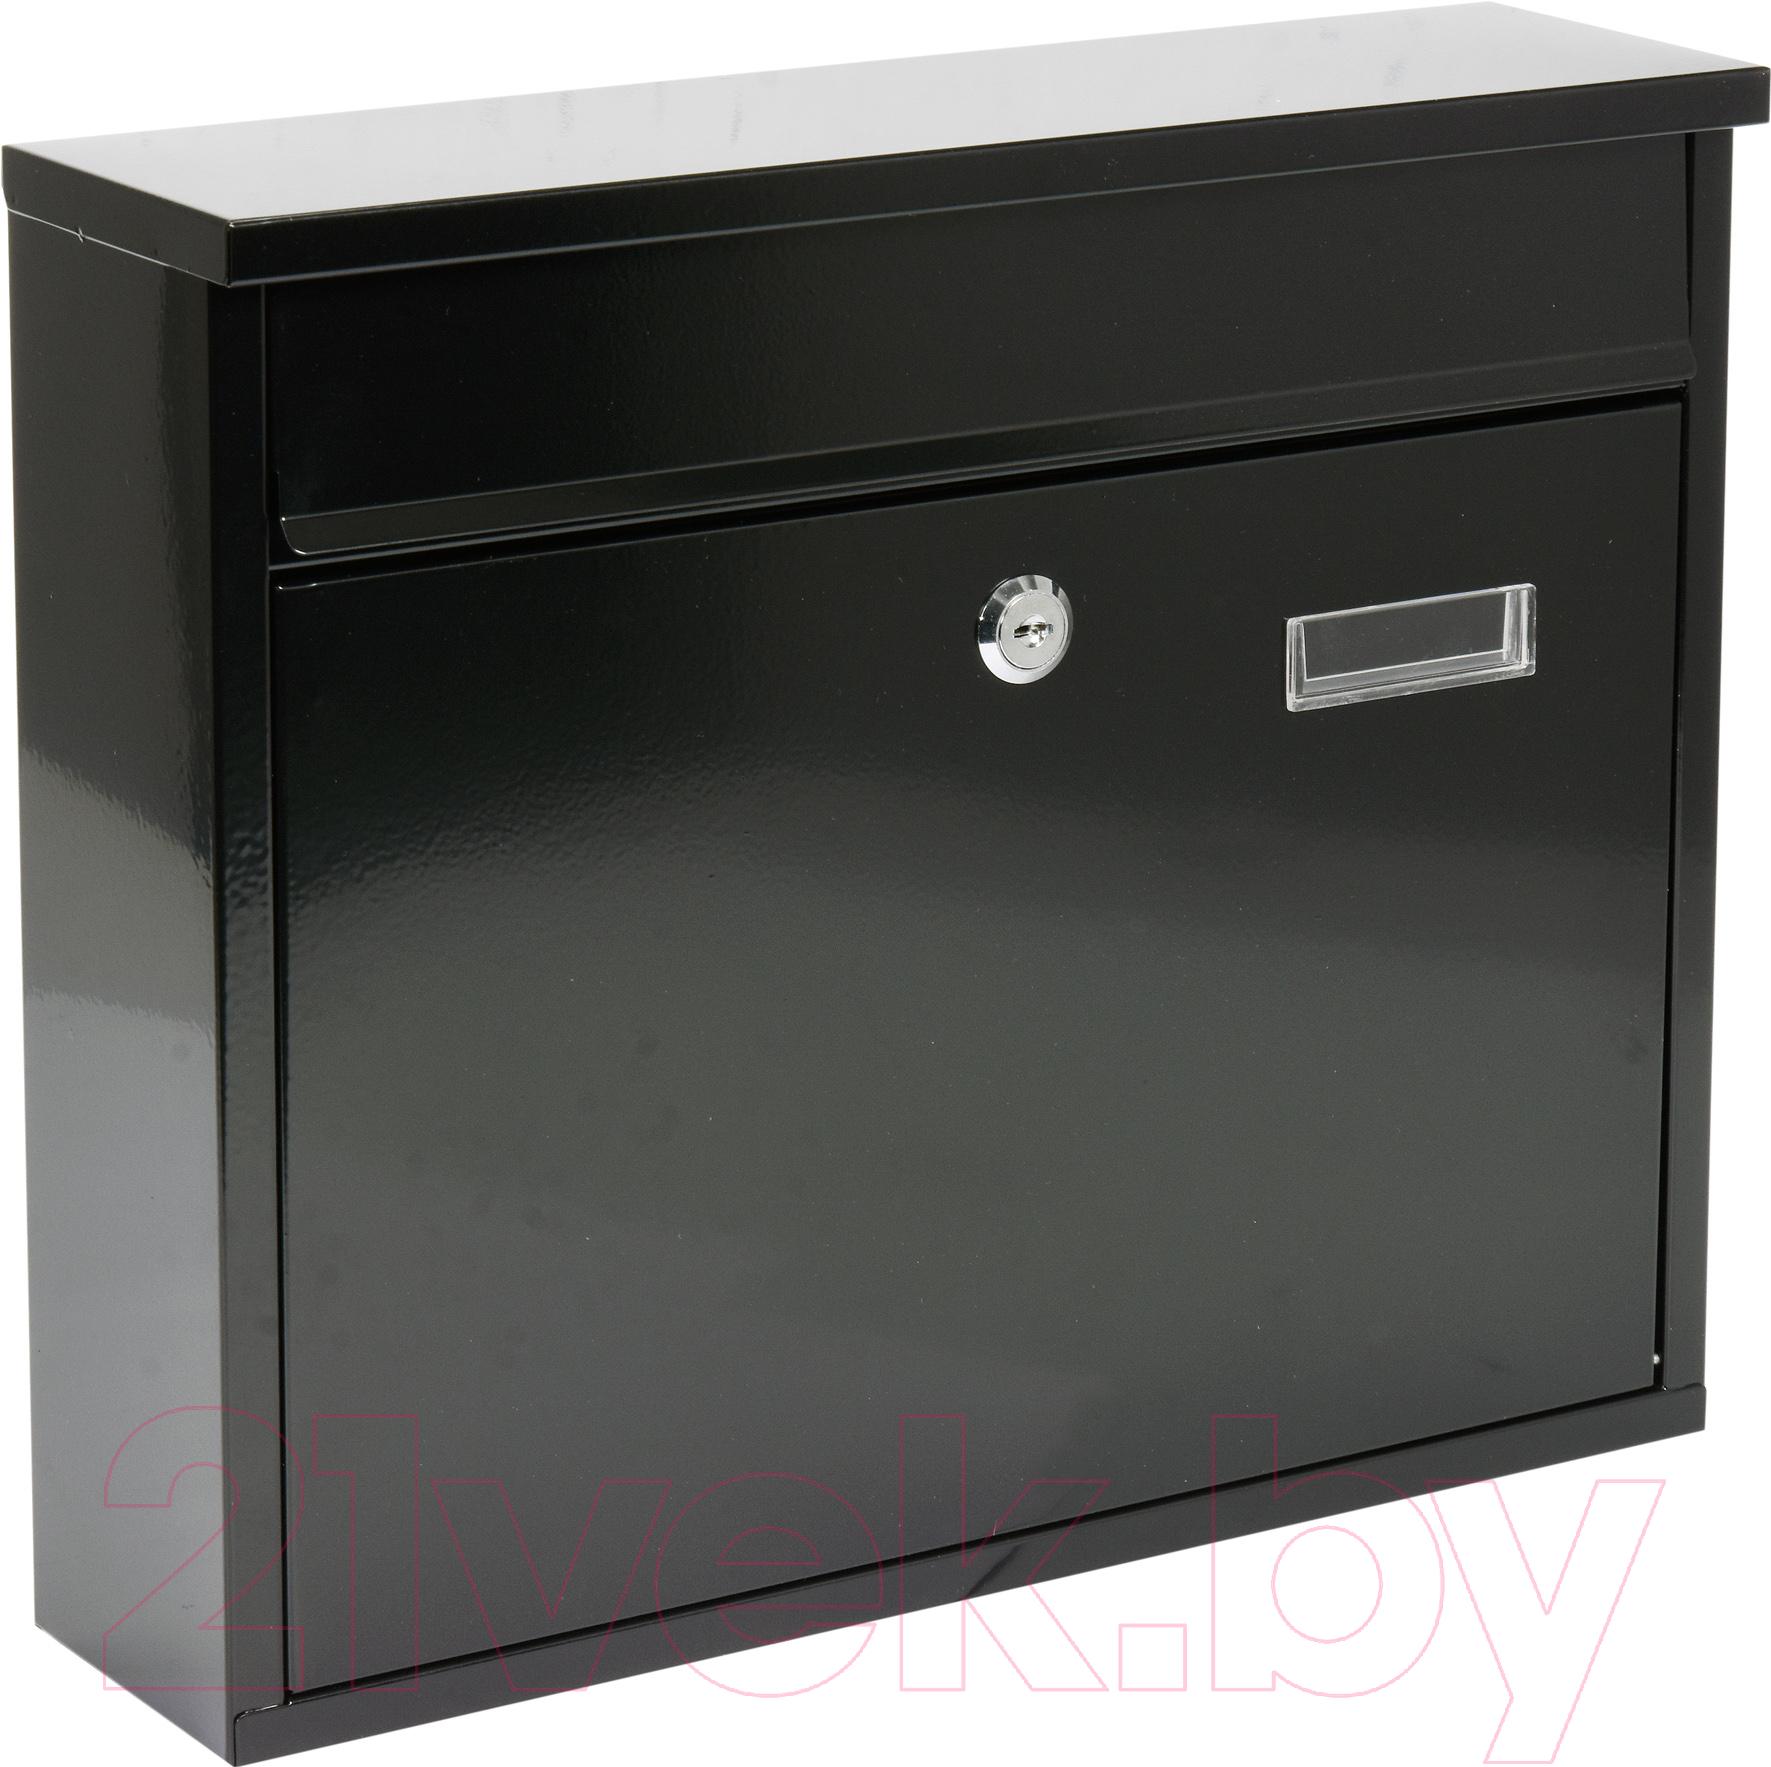 Купить Почтовый ящик Vorel, 78575, Польша, черный, сталь